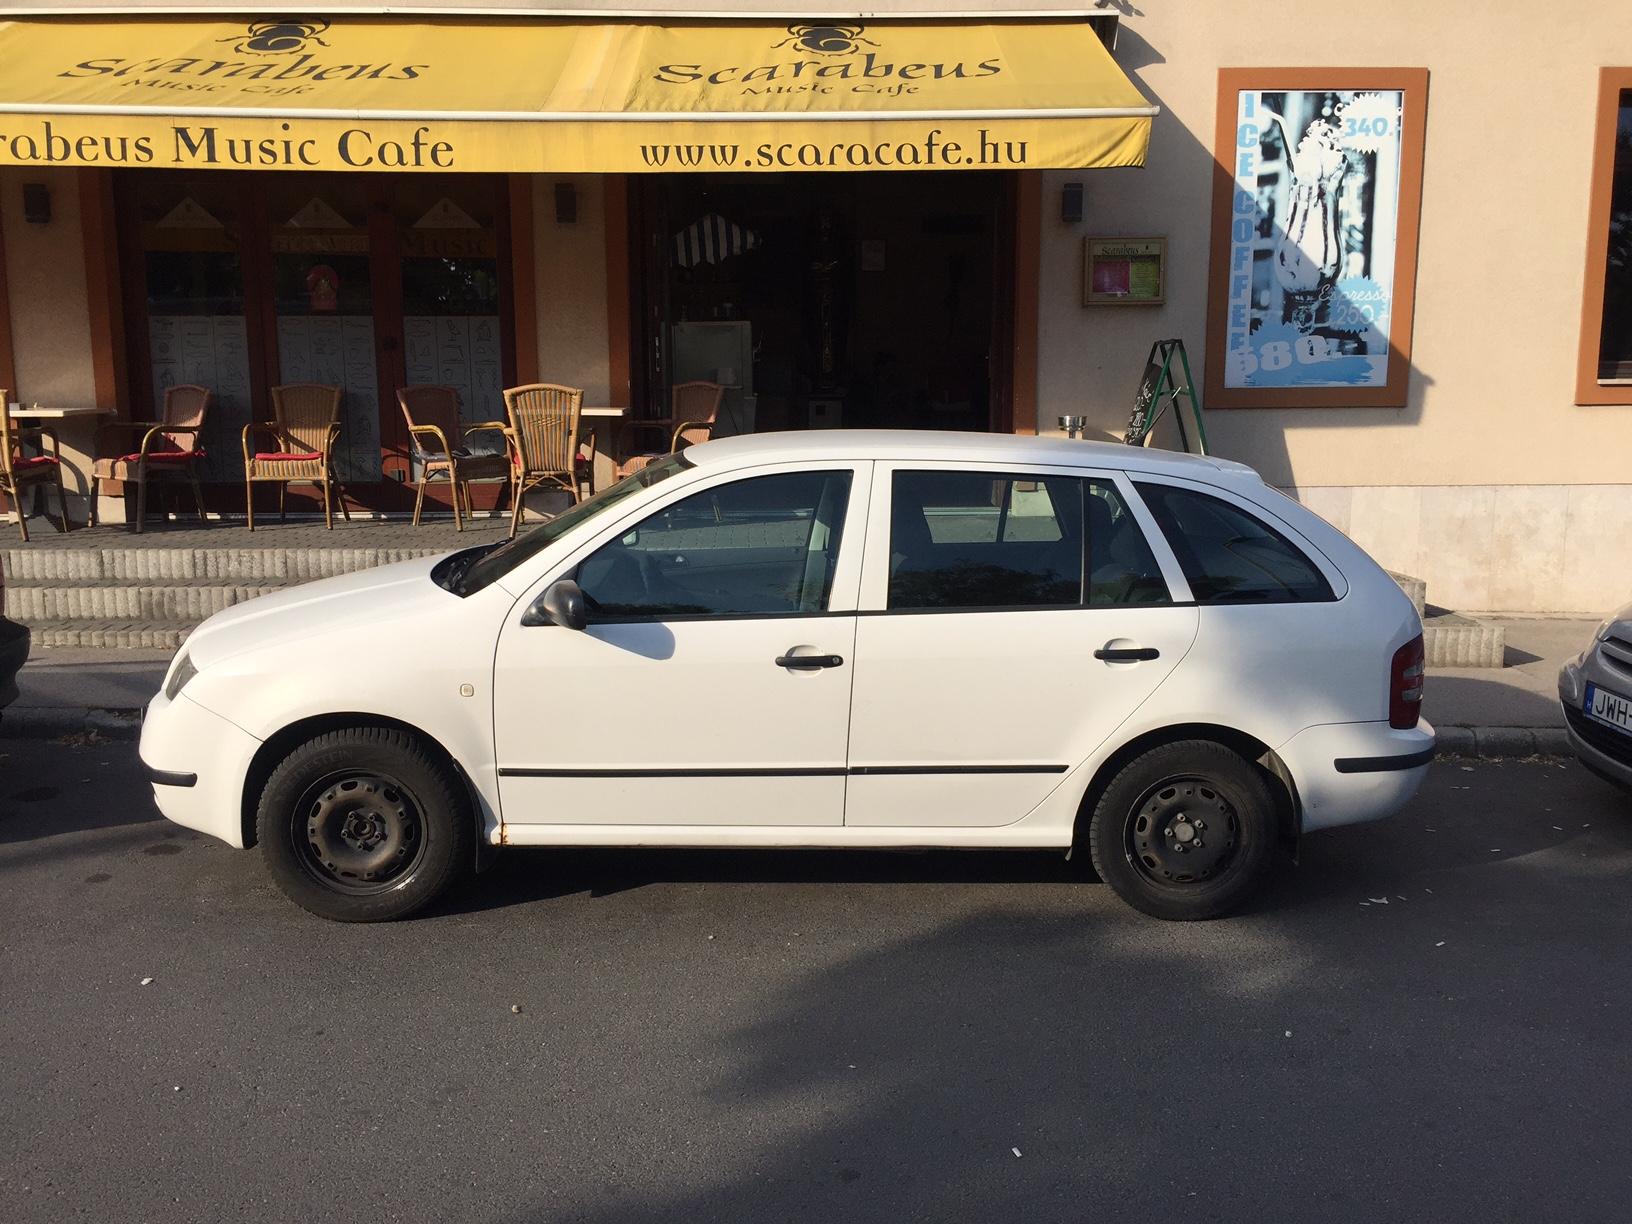 Škoda Fábiánk tökéletes állapotban várja, hogy bérlőit kiszolgálhassa